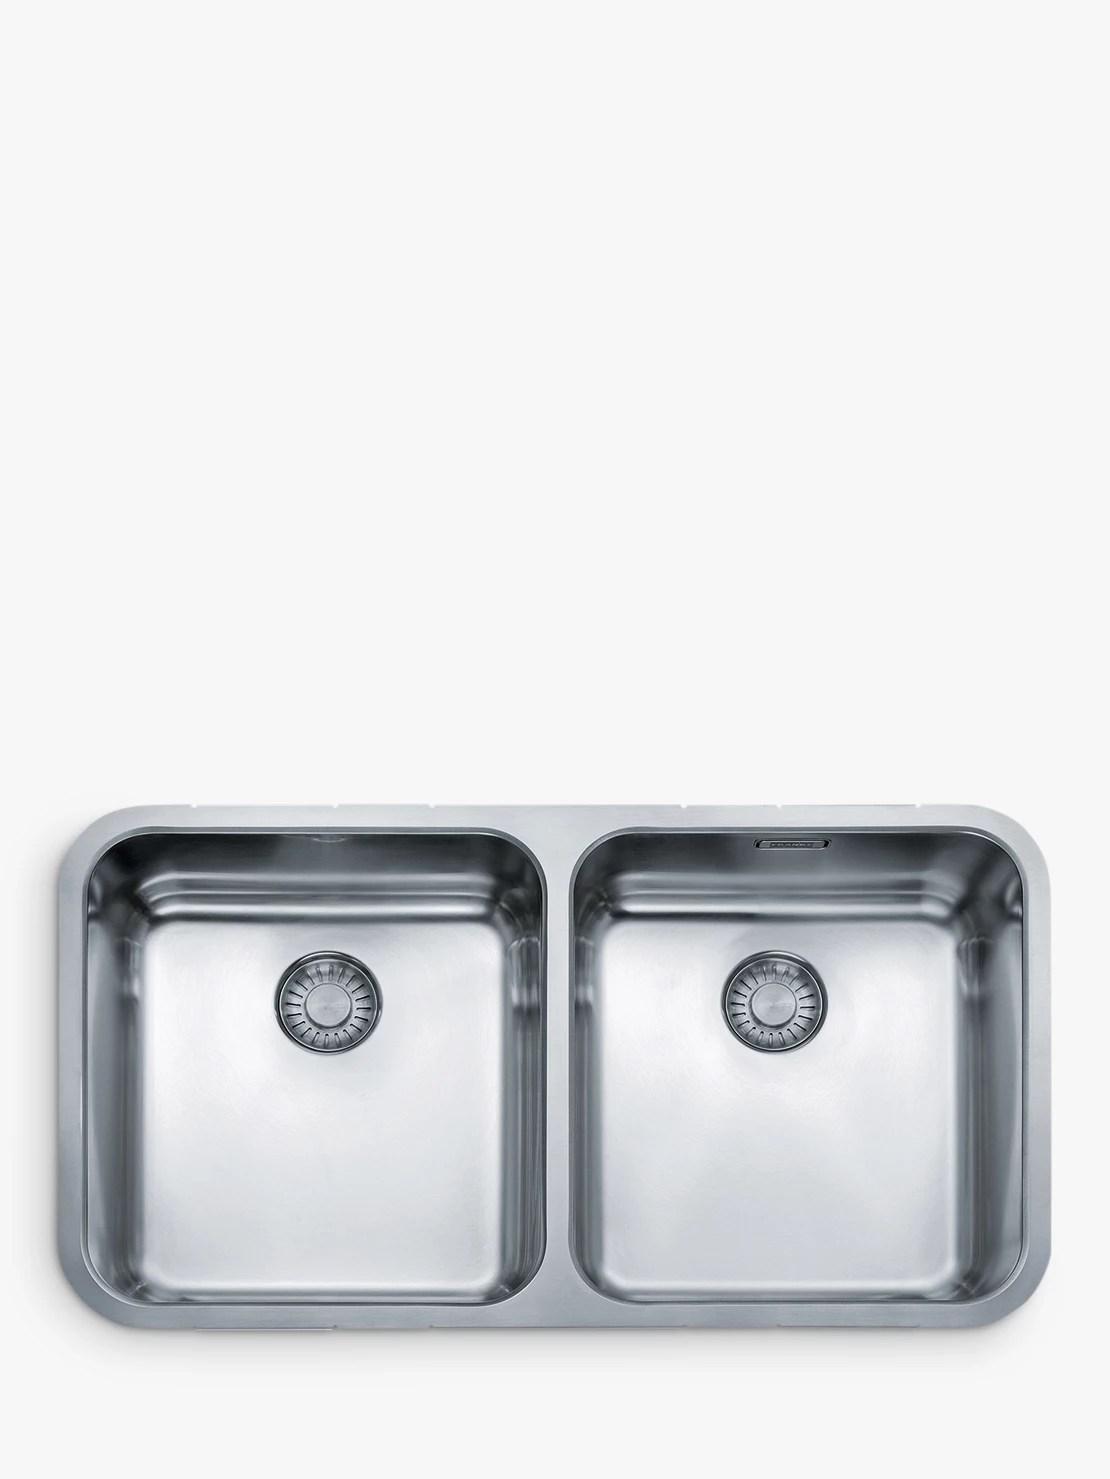 franke largo lax 120 36 36 undermounted 2 bowl kitchen sink stainless steel